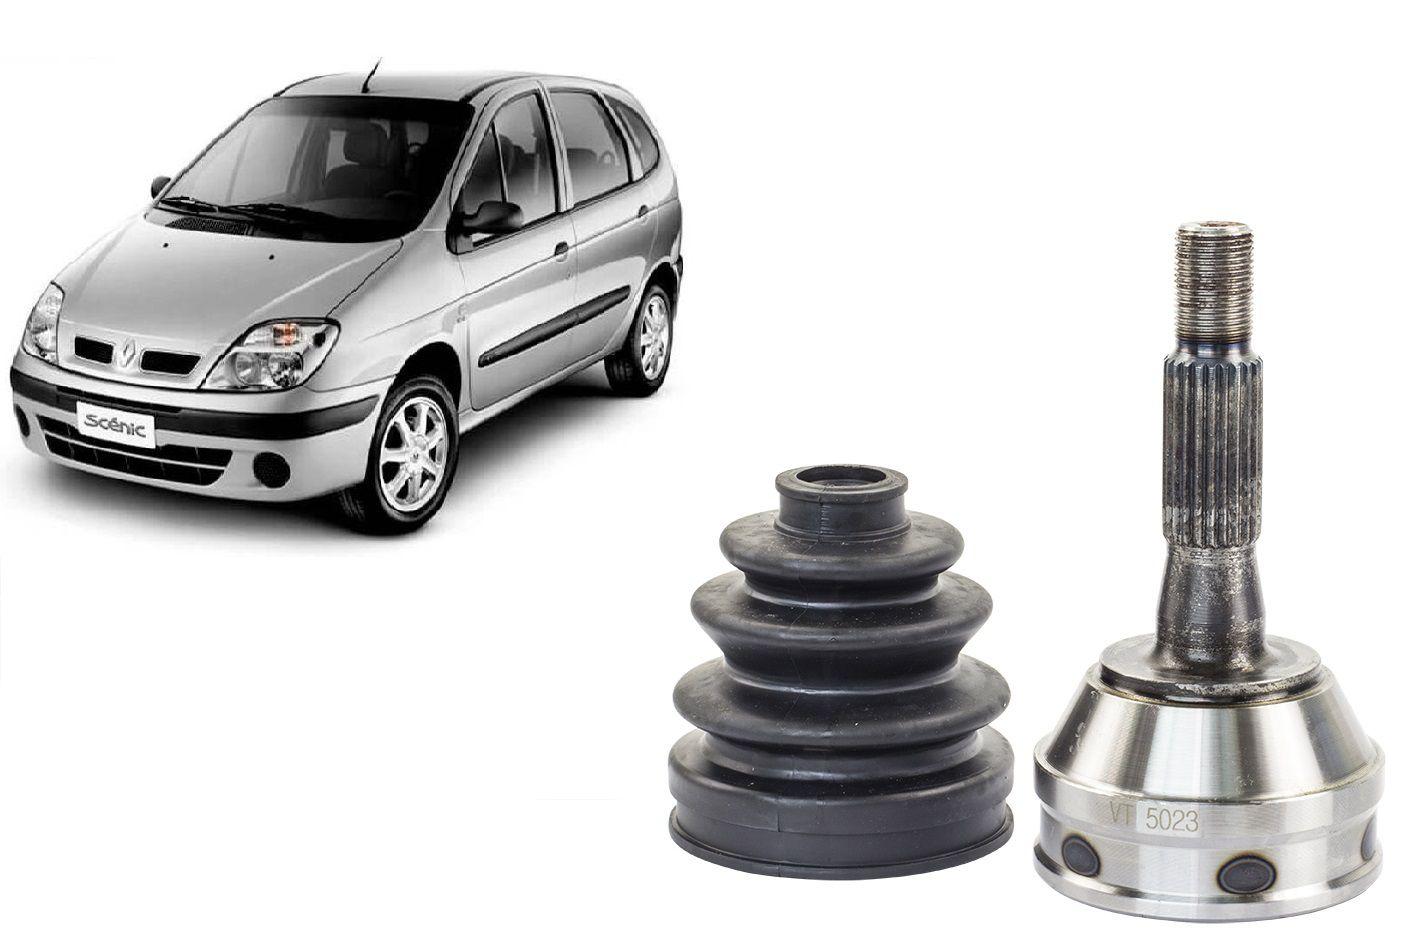 Junta Homocinética  Renault Scenic 2.0 16v 01 a 06 Megane 2.0 sem ABS